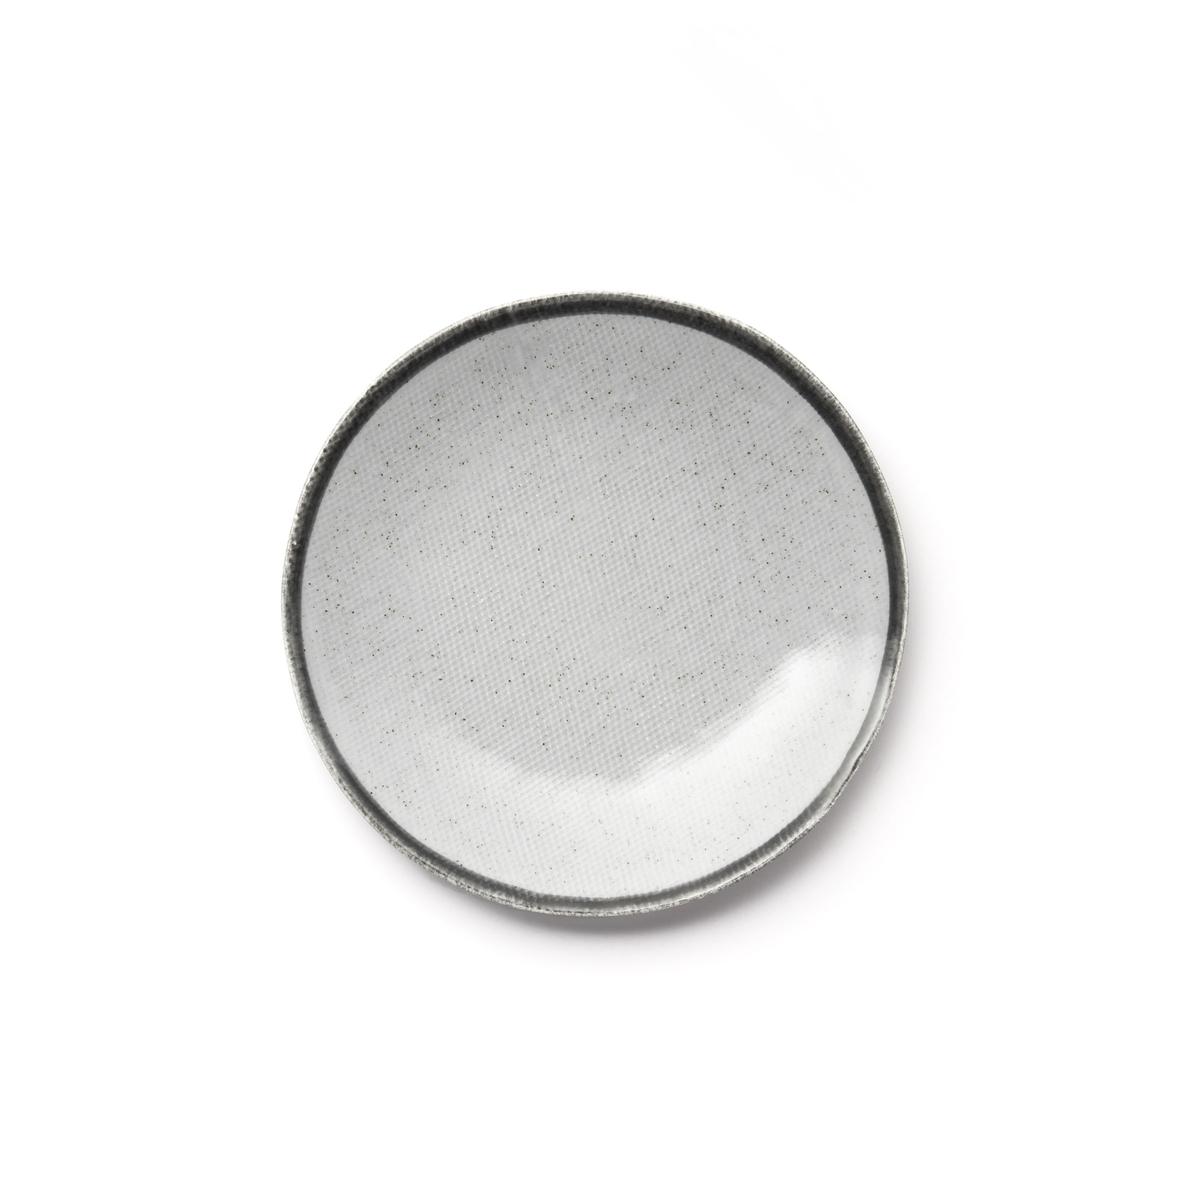 Фото - 4 десертные LaRedoute Тарелки из глазурованной керамики Anika единый размер серый 4 десертные laredoute тарелки из глазурованной керамики anika единый размер серый